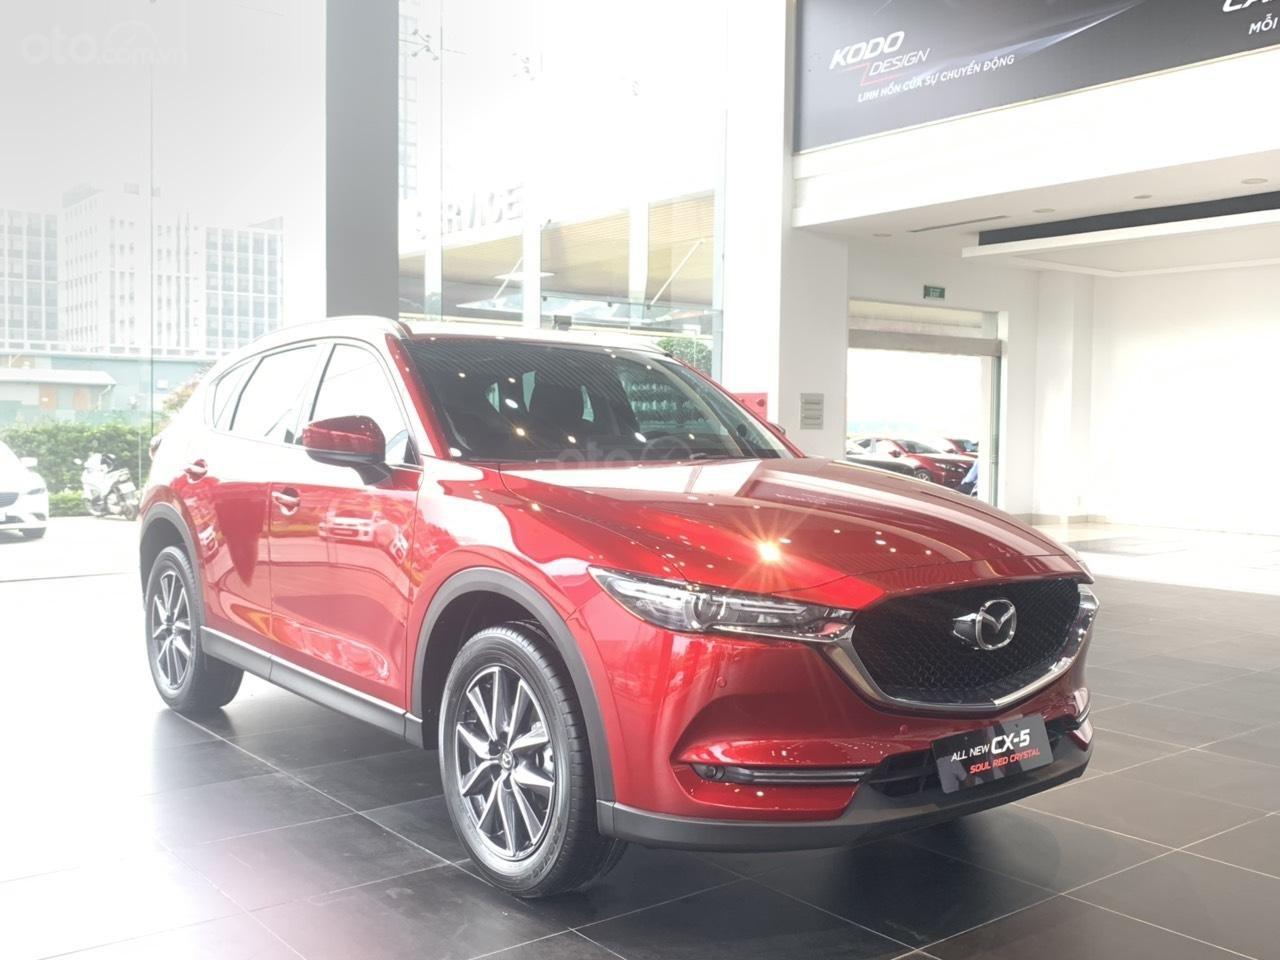 Mazda CX5 2.0 2019 ưu đãi T11 100tr, TG 90%, hỗ trợ giao xe, ĐKĐK, giải quyết nợ xấu, LH 0981 485 819 (3)